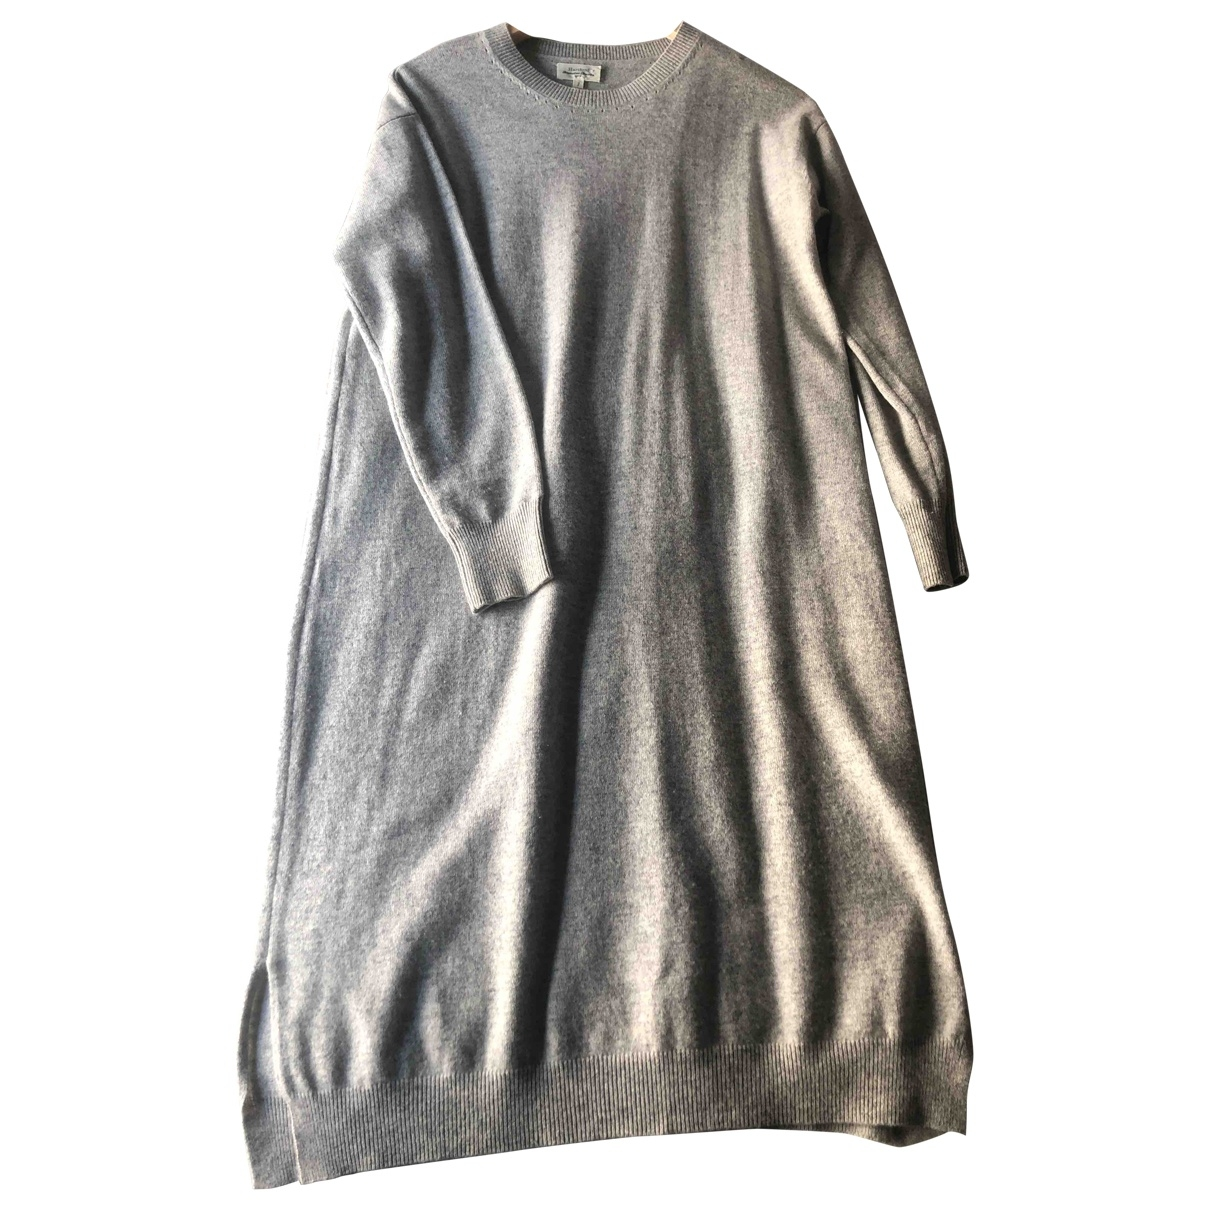 Hartford \N Kleid in  Grau Wolle